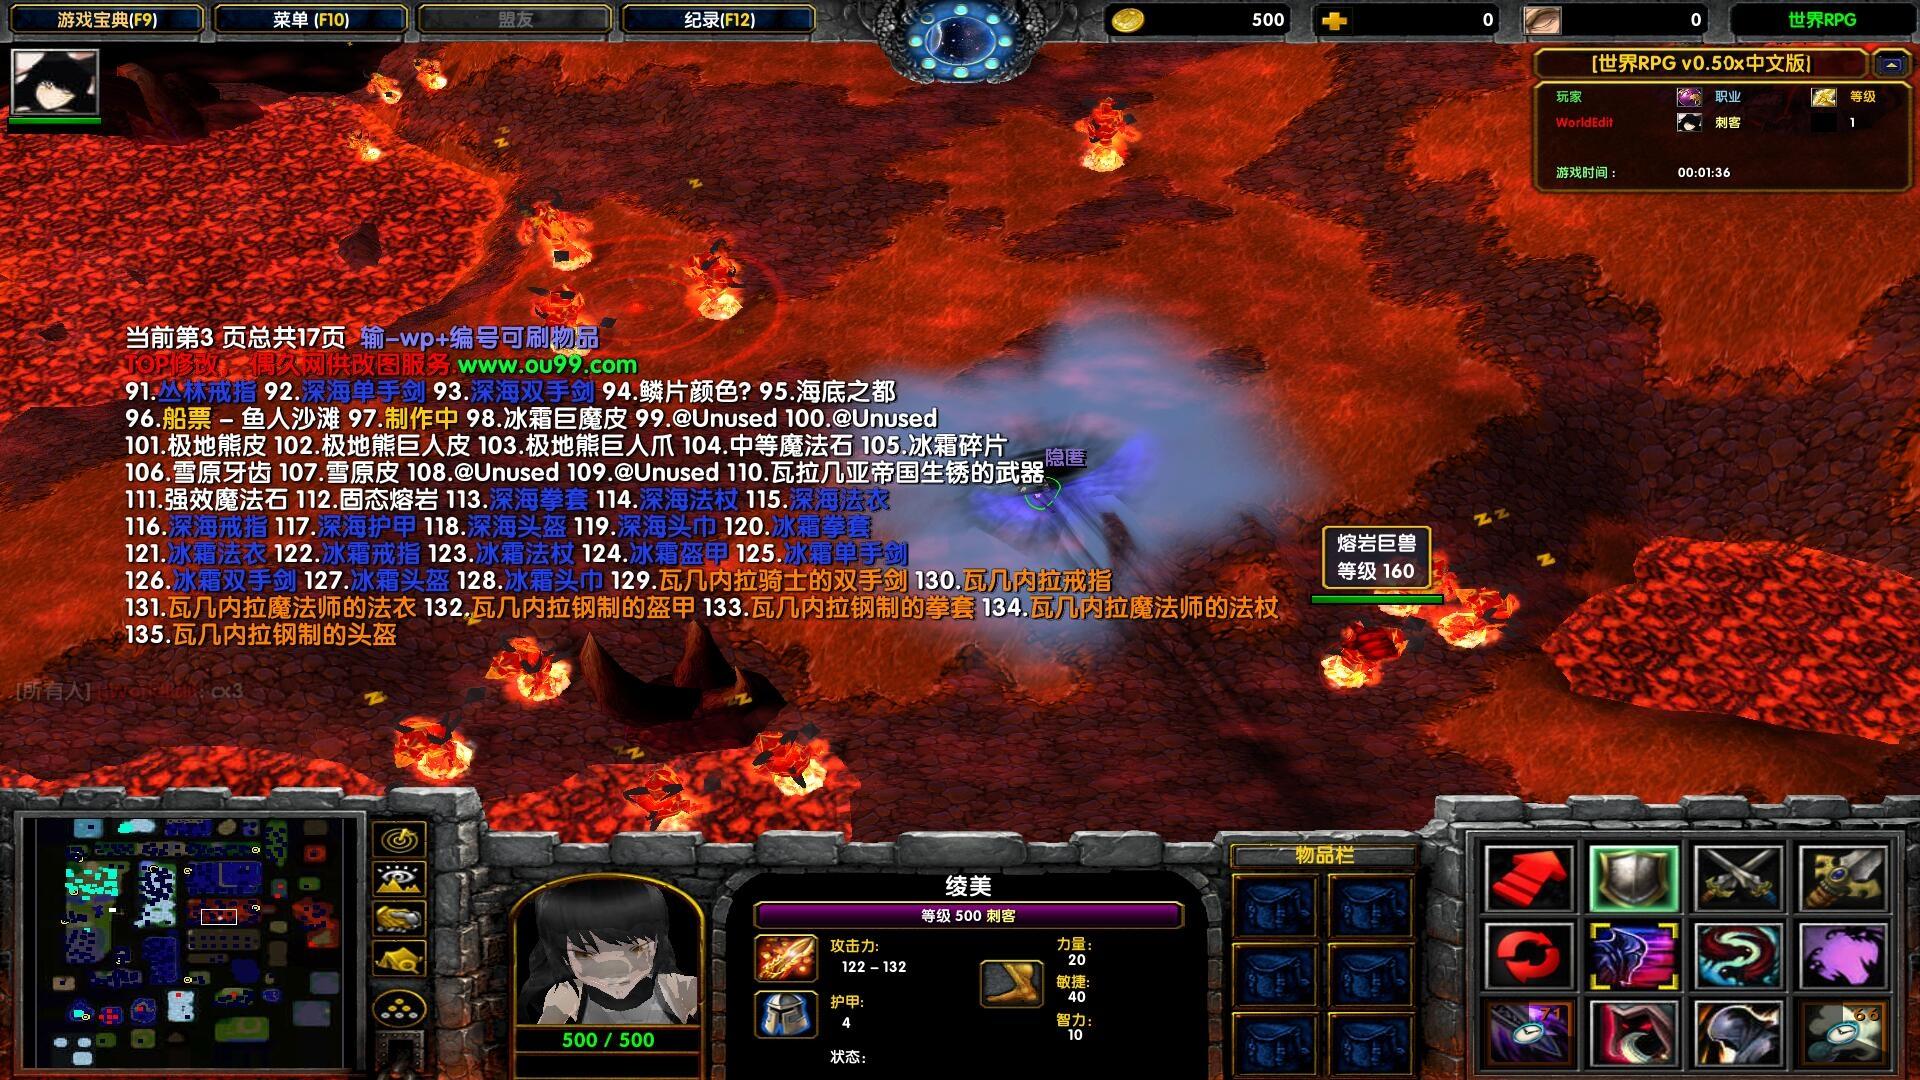 世界RPGv0.50x中文版TOP破解 可通檔+無疲勞值+高爆幾率+刷粉塵\結晶+刷物品+BOSS徽章